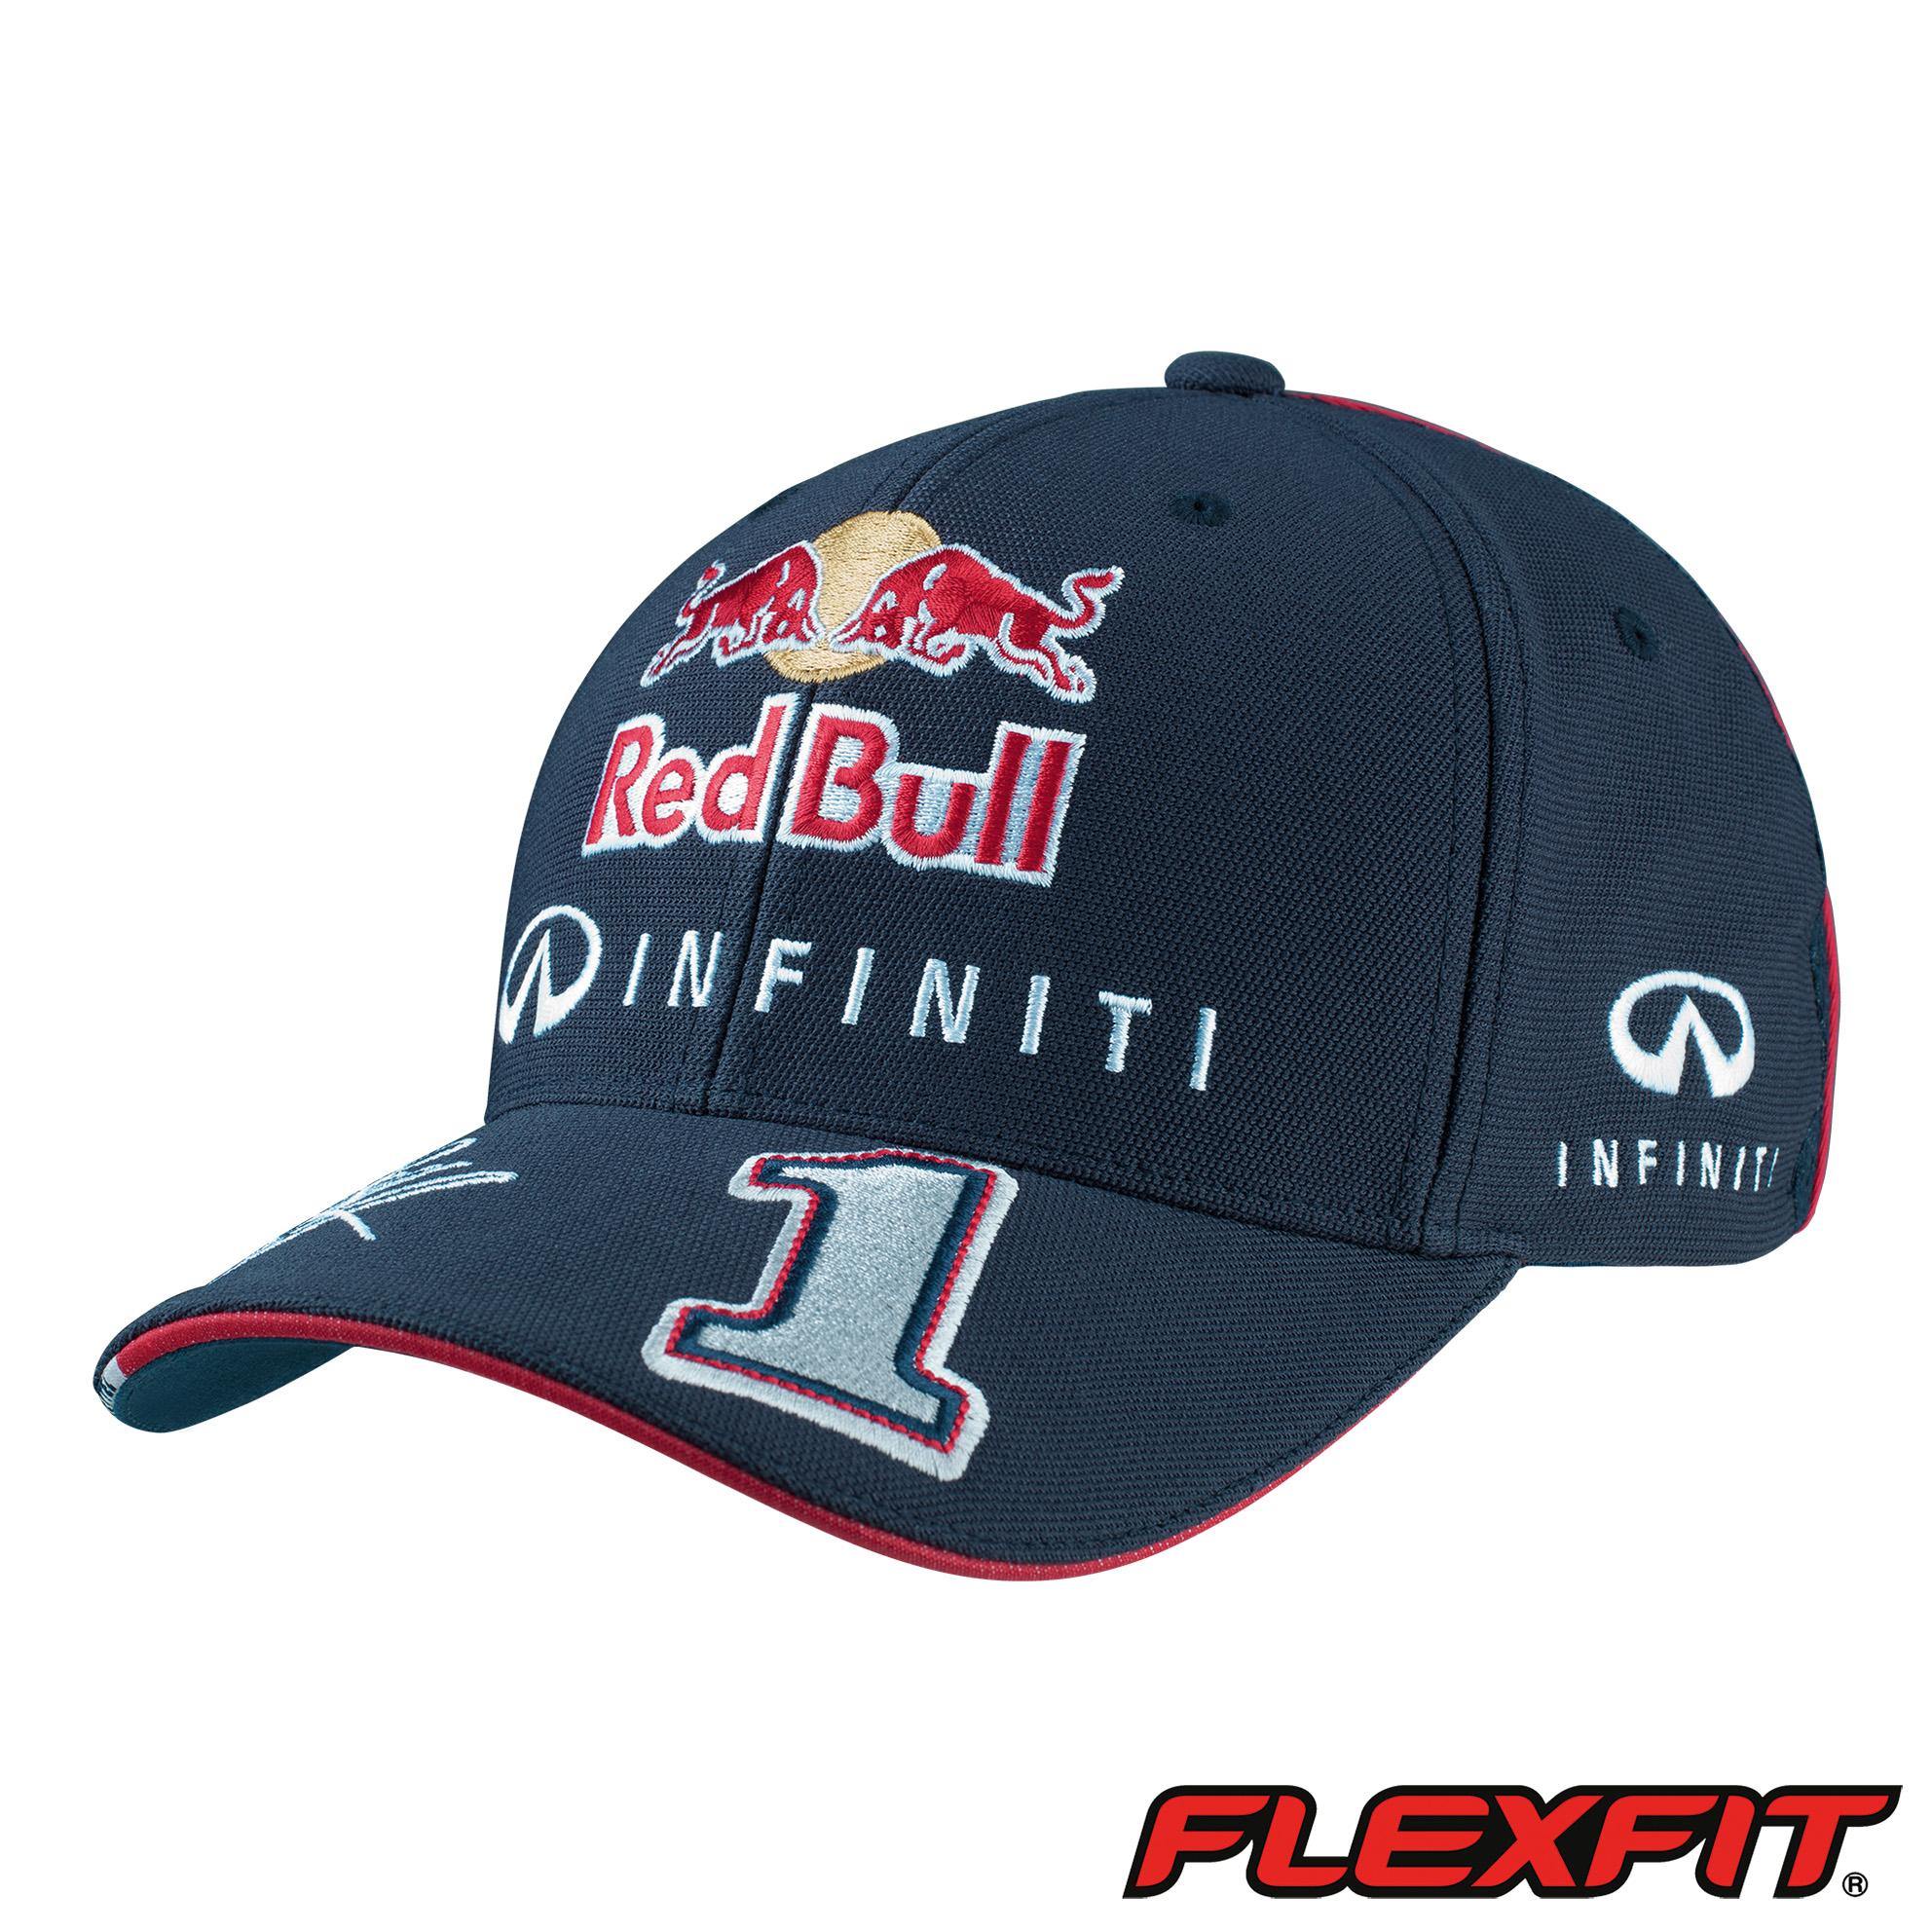 Infiniti Red Bull Racing Sebastian Vettel Driver Cap